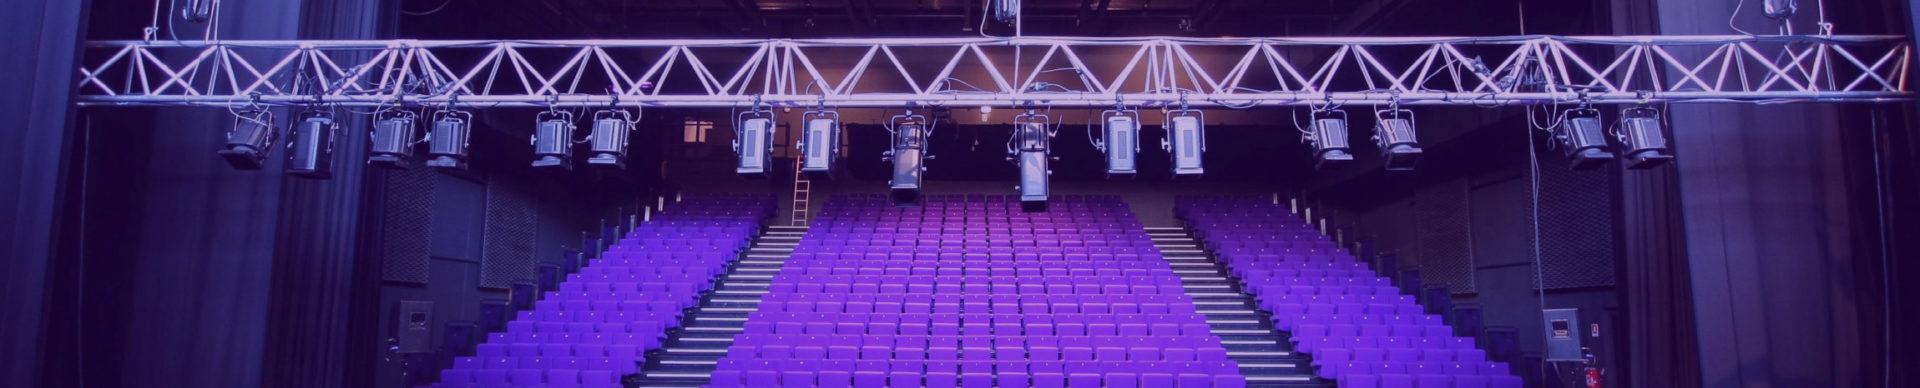 Salles de spectacles Théâtre Durance